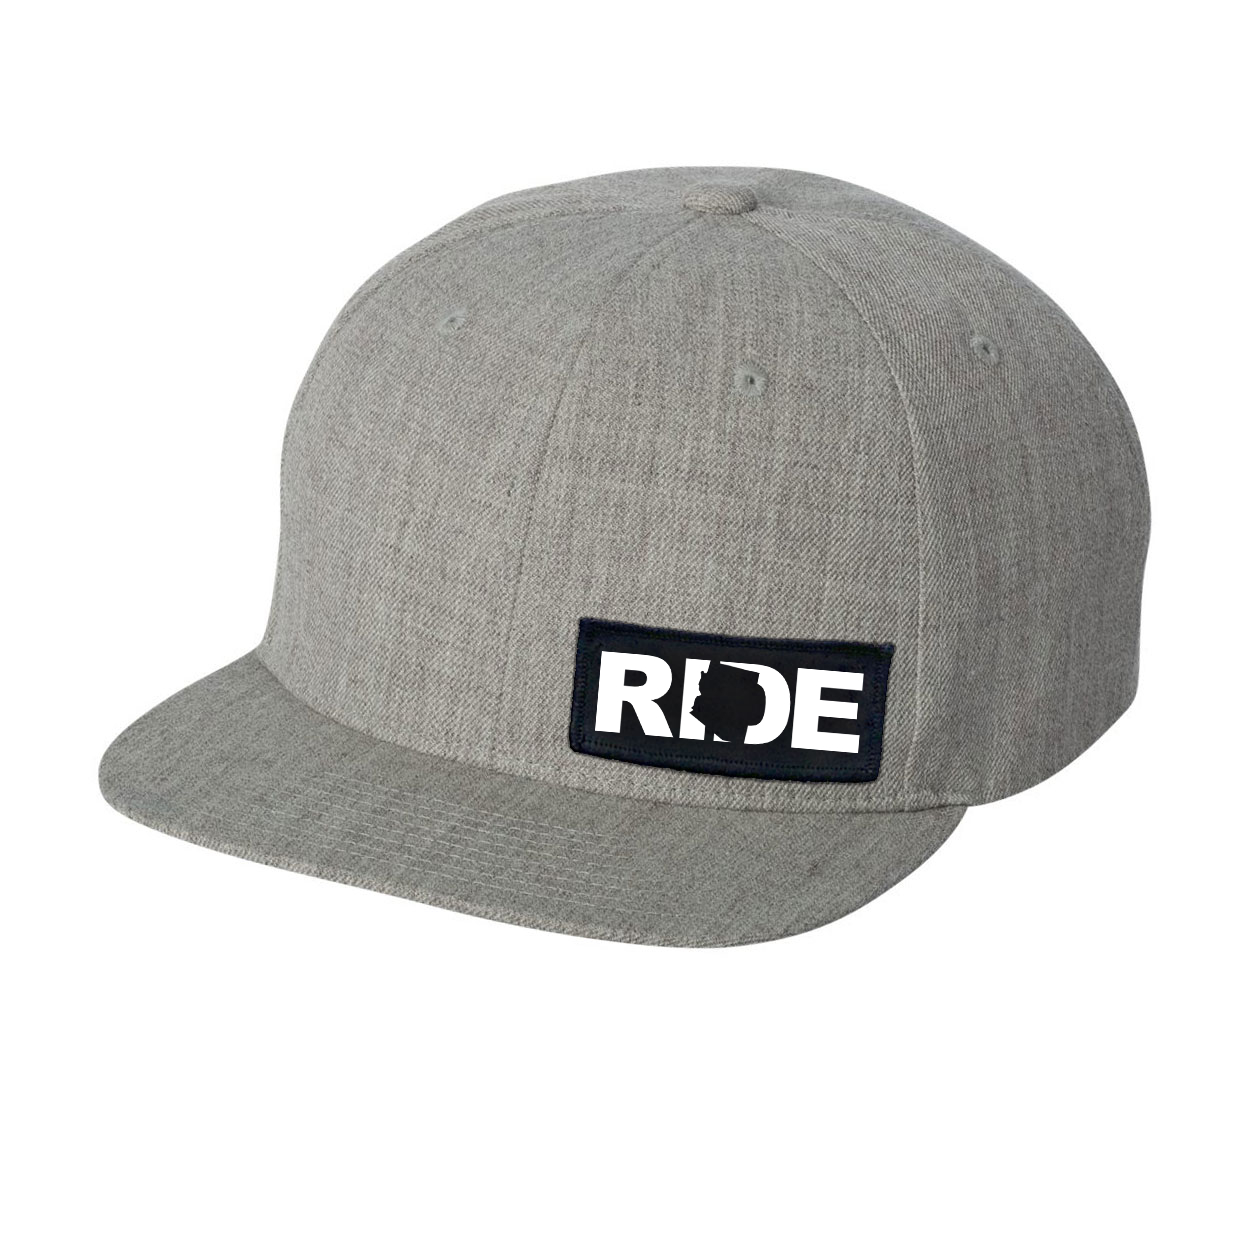 Ride Arizona Night Out Woven Patch Flat Brim Snapback Hat Heather Gray (White Logo)